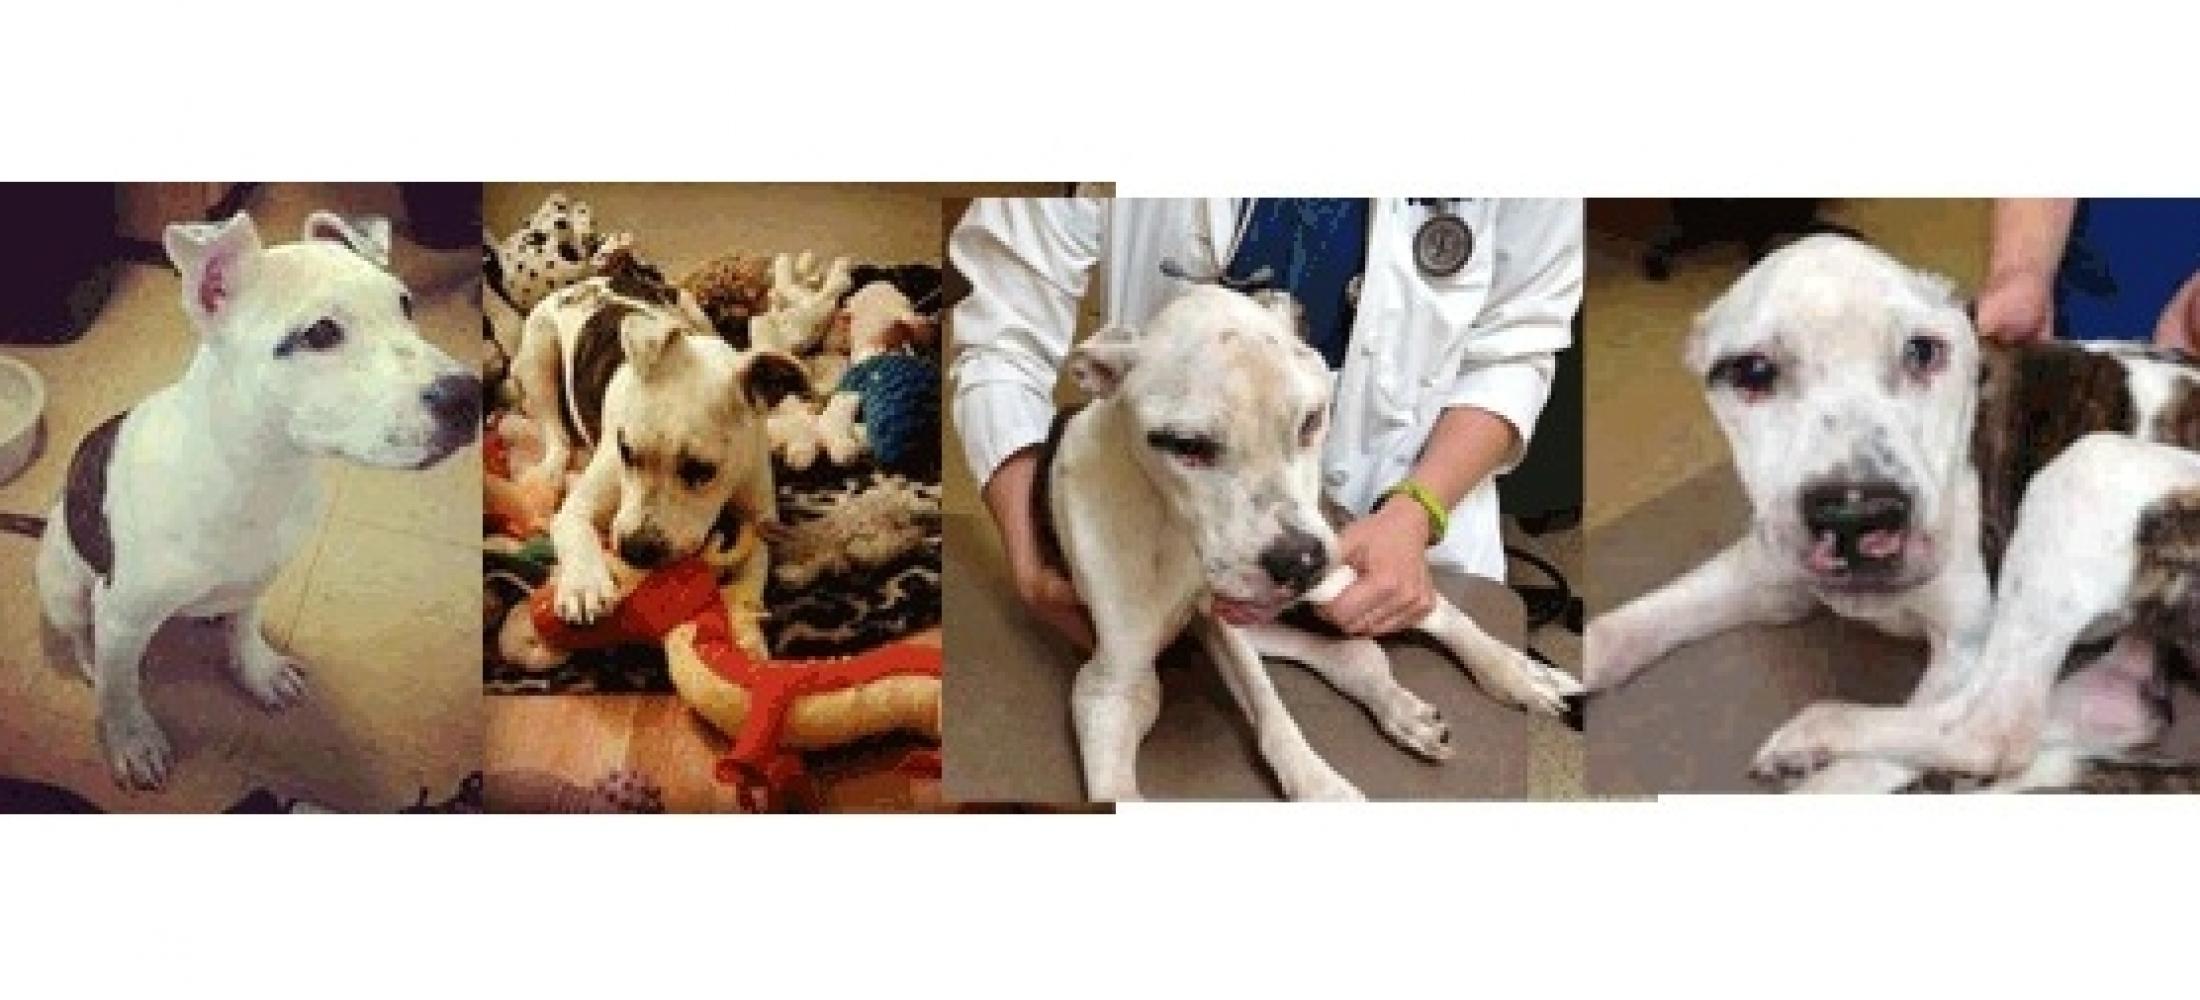 Justice for Puppy Doe - GRRSN